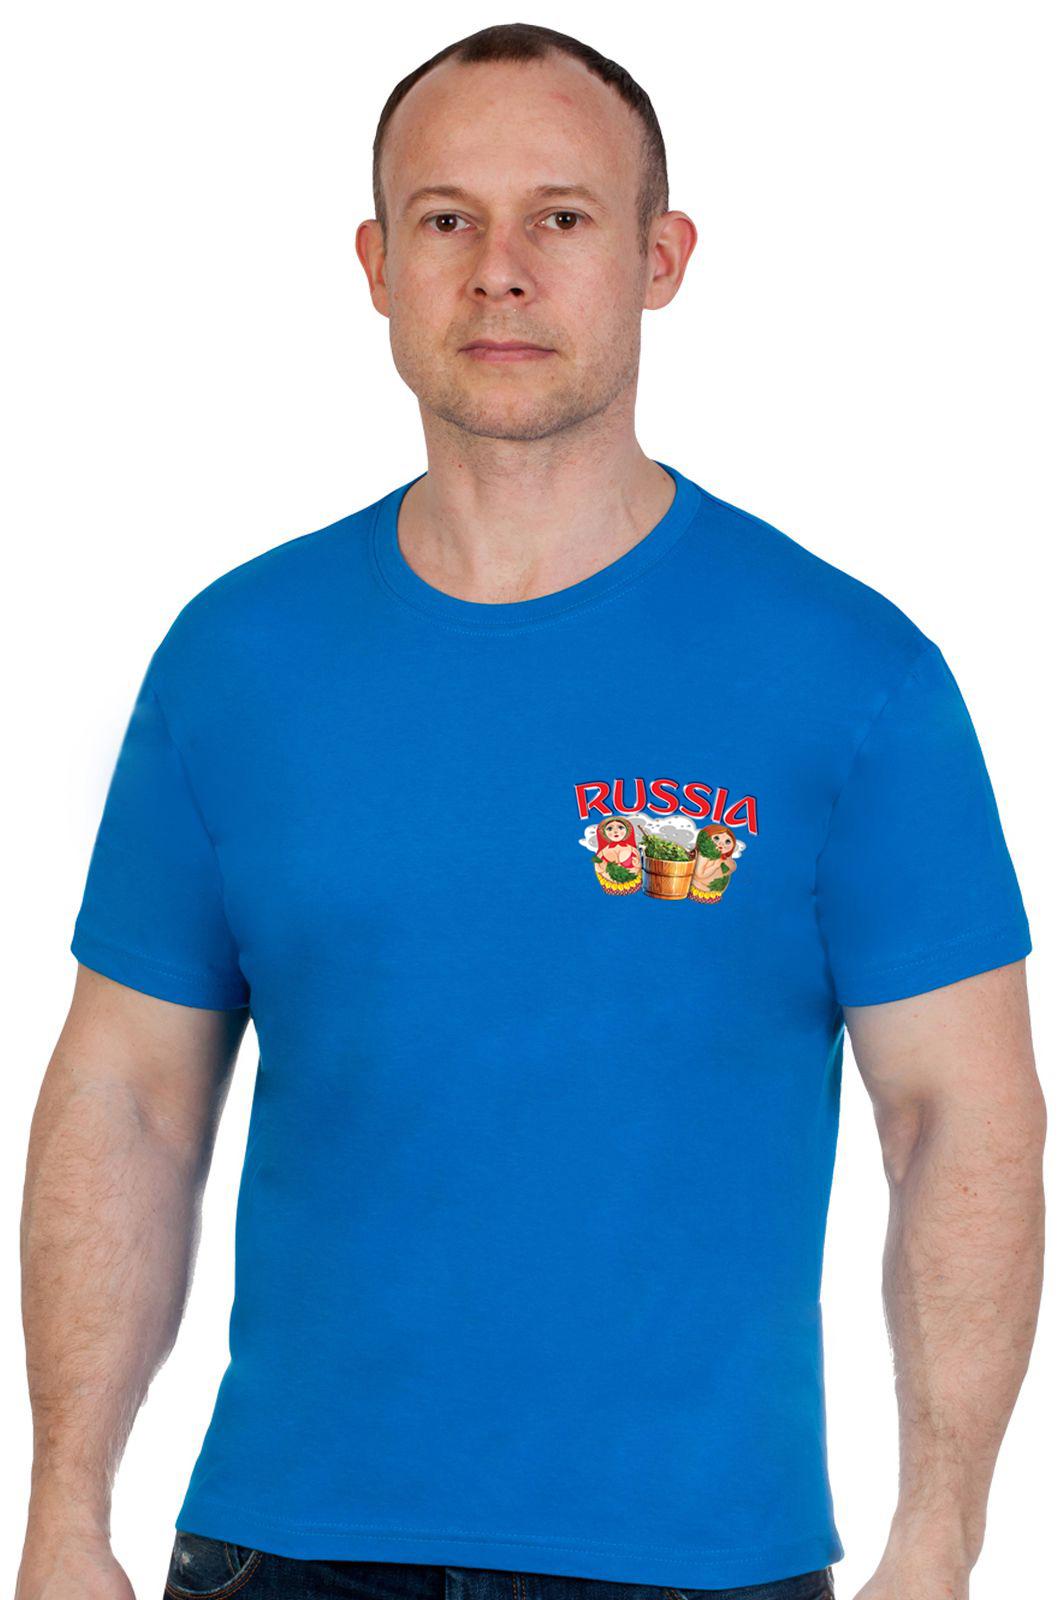 Купить надежную хлопковую футболку Россия по выгодной цене